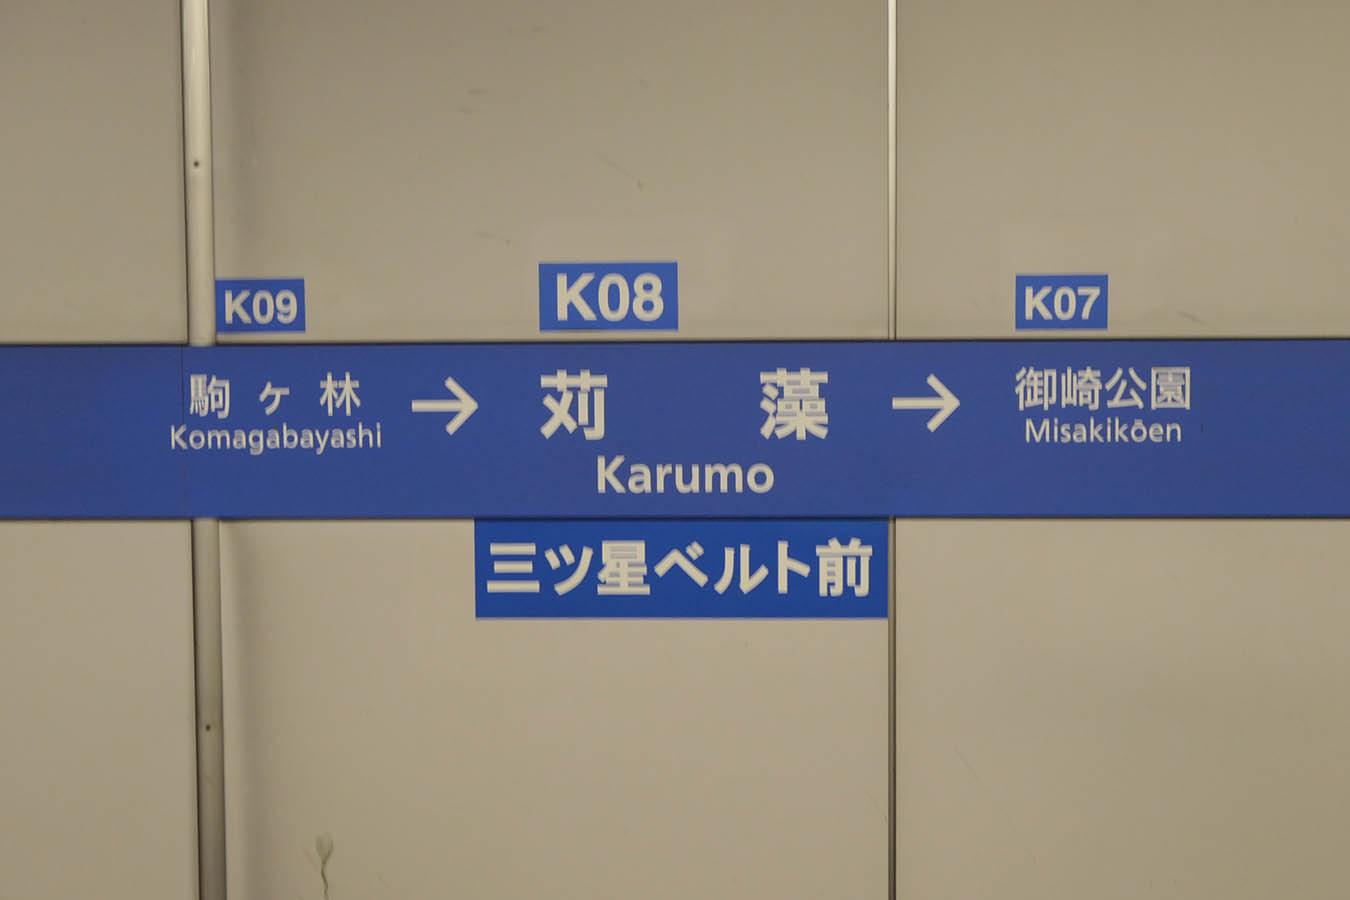 K08_photo06.jpg